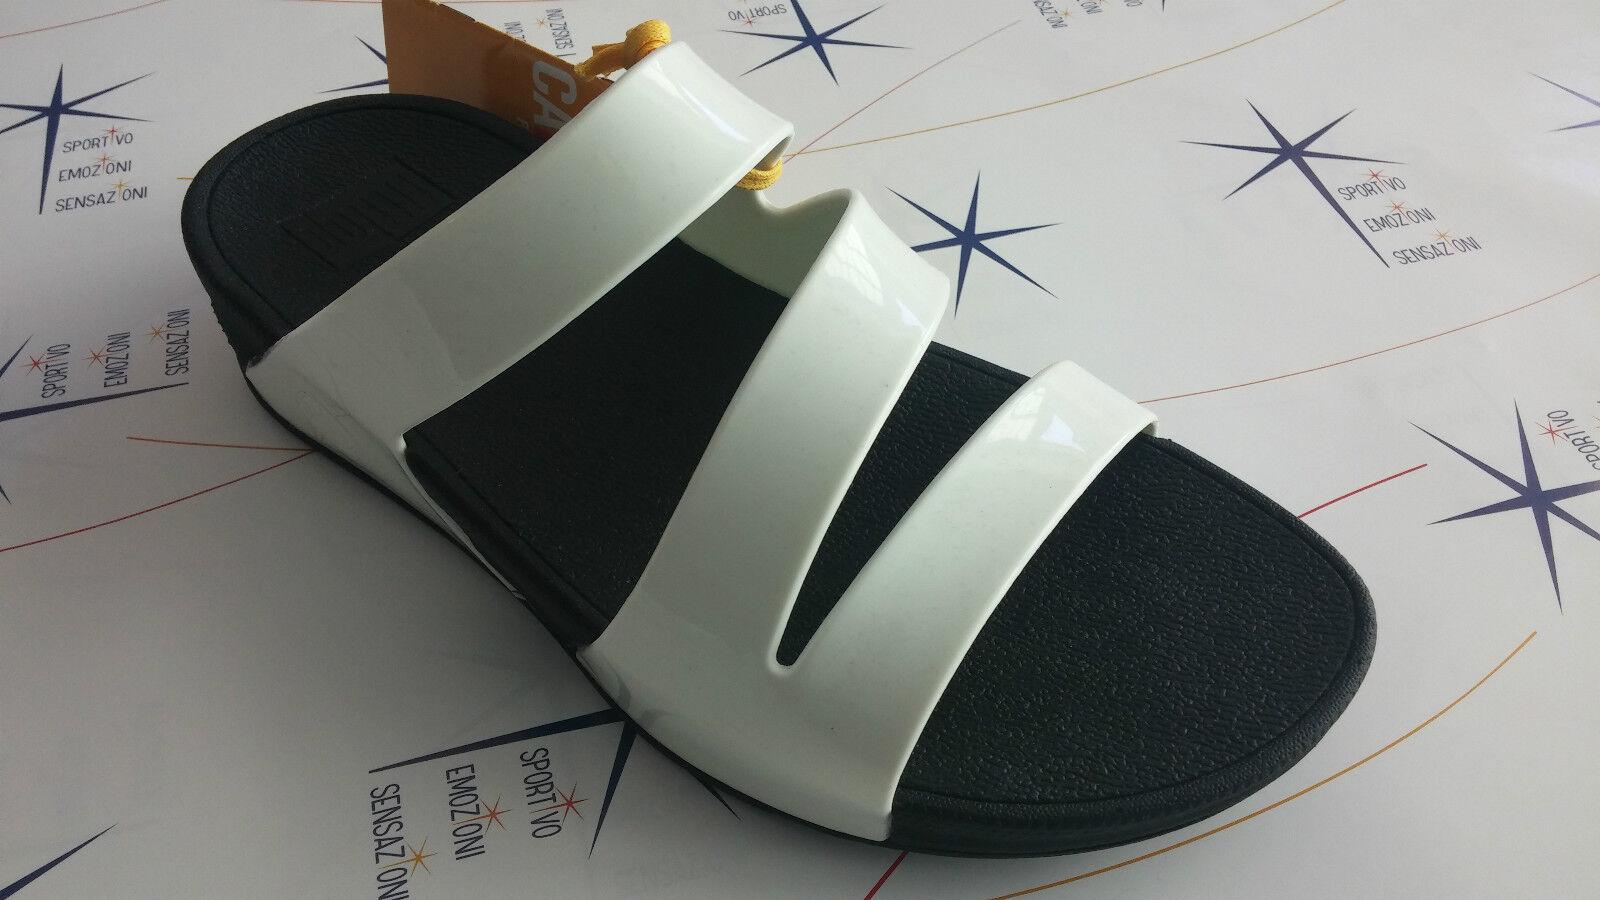 Último gran descuento Zapatillas chanclas mujer FitFlop blanco-negro bandas superjelly twist - 557 161